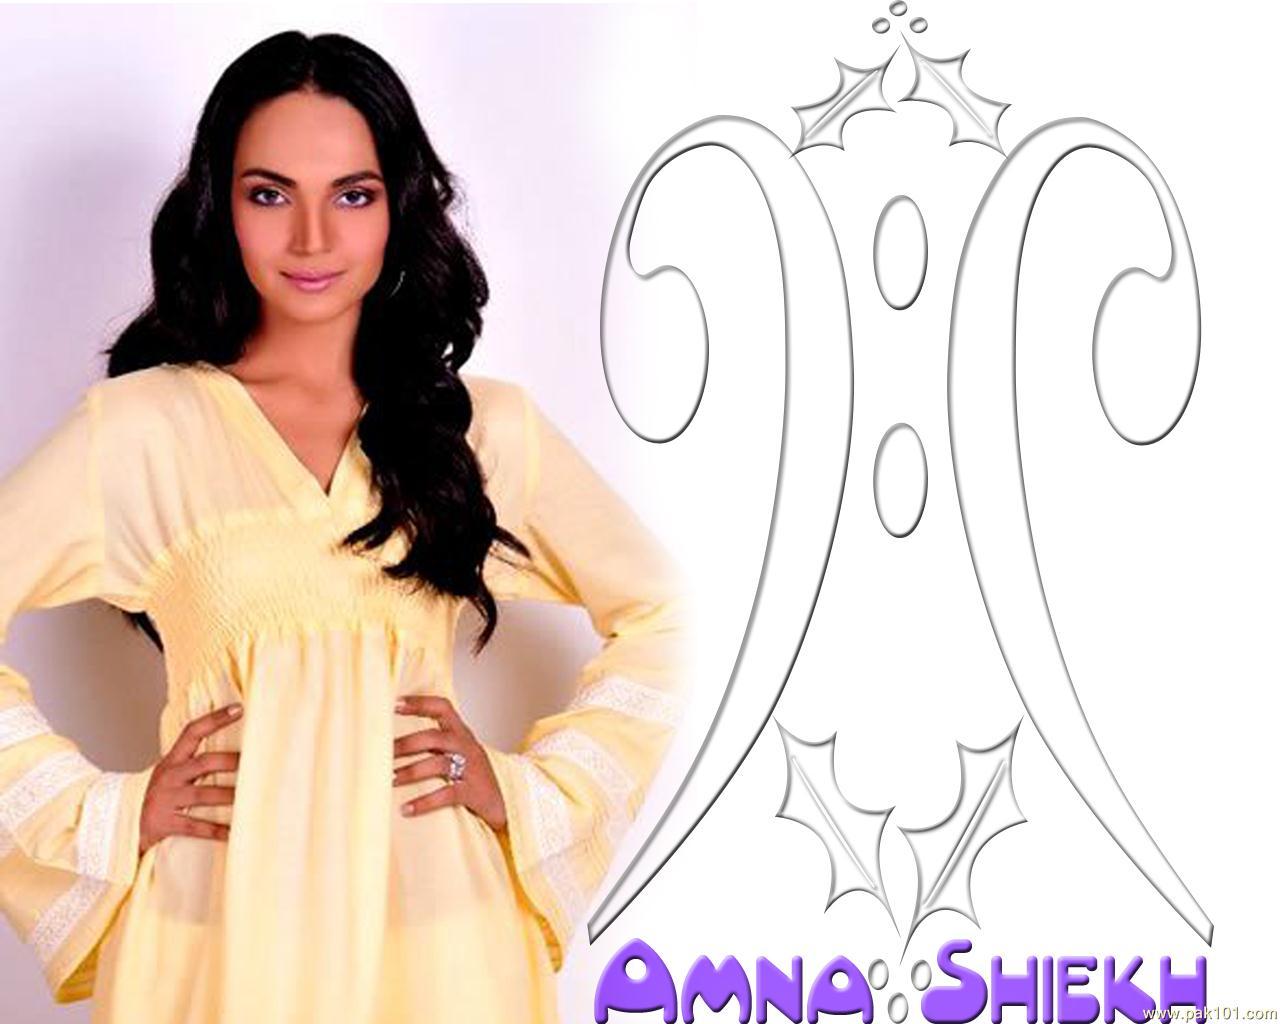 http://2.bp.blogspot.com/-8voOntr4Bgw/UYZjgPFLWWI/AAAAAAAAuoY/Lt3bBD28V5c/s1600/Amina+Sheikh+Wallpaper+(8).jpg